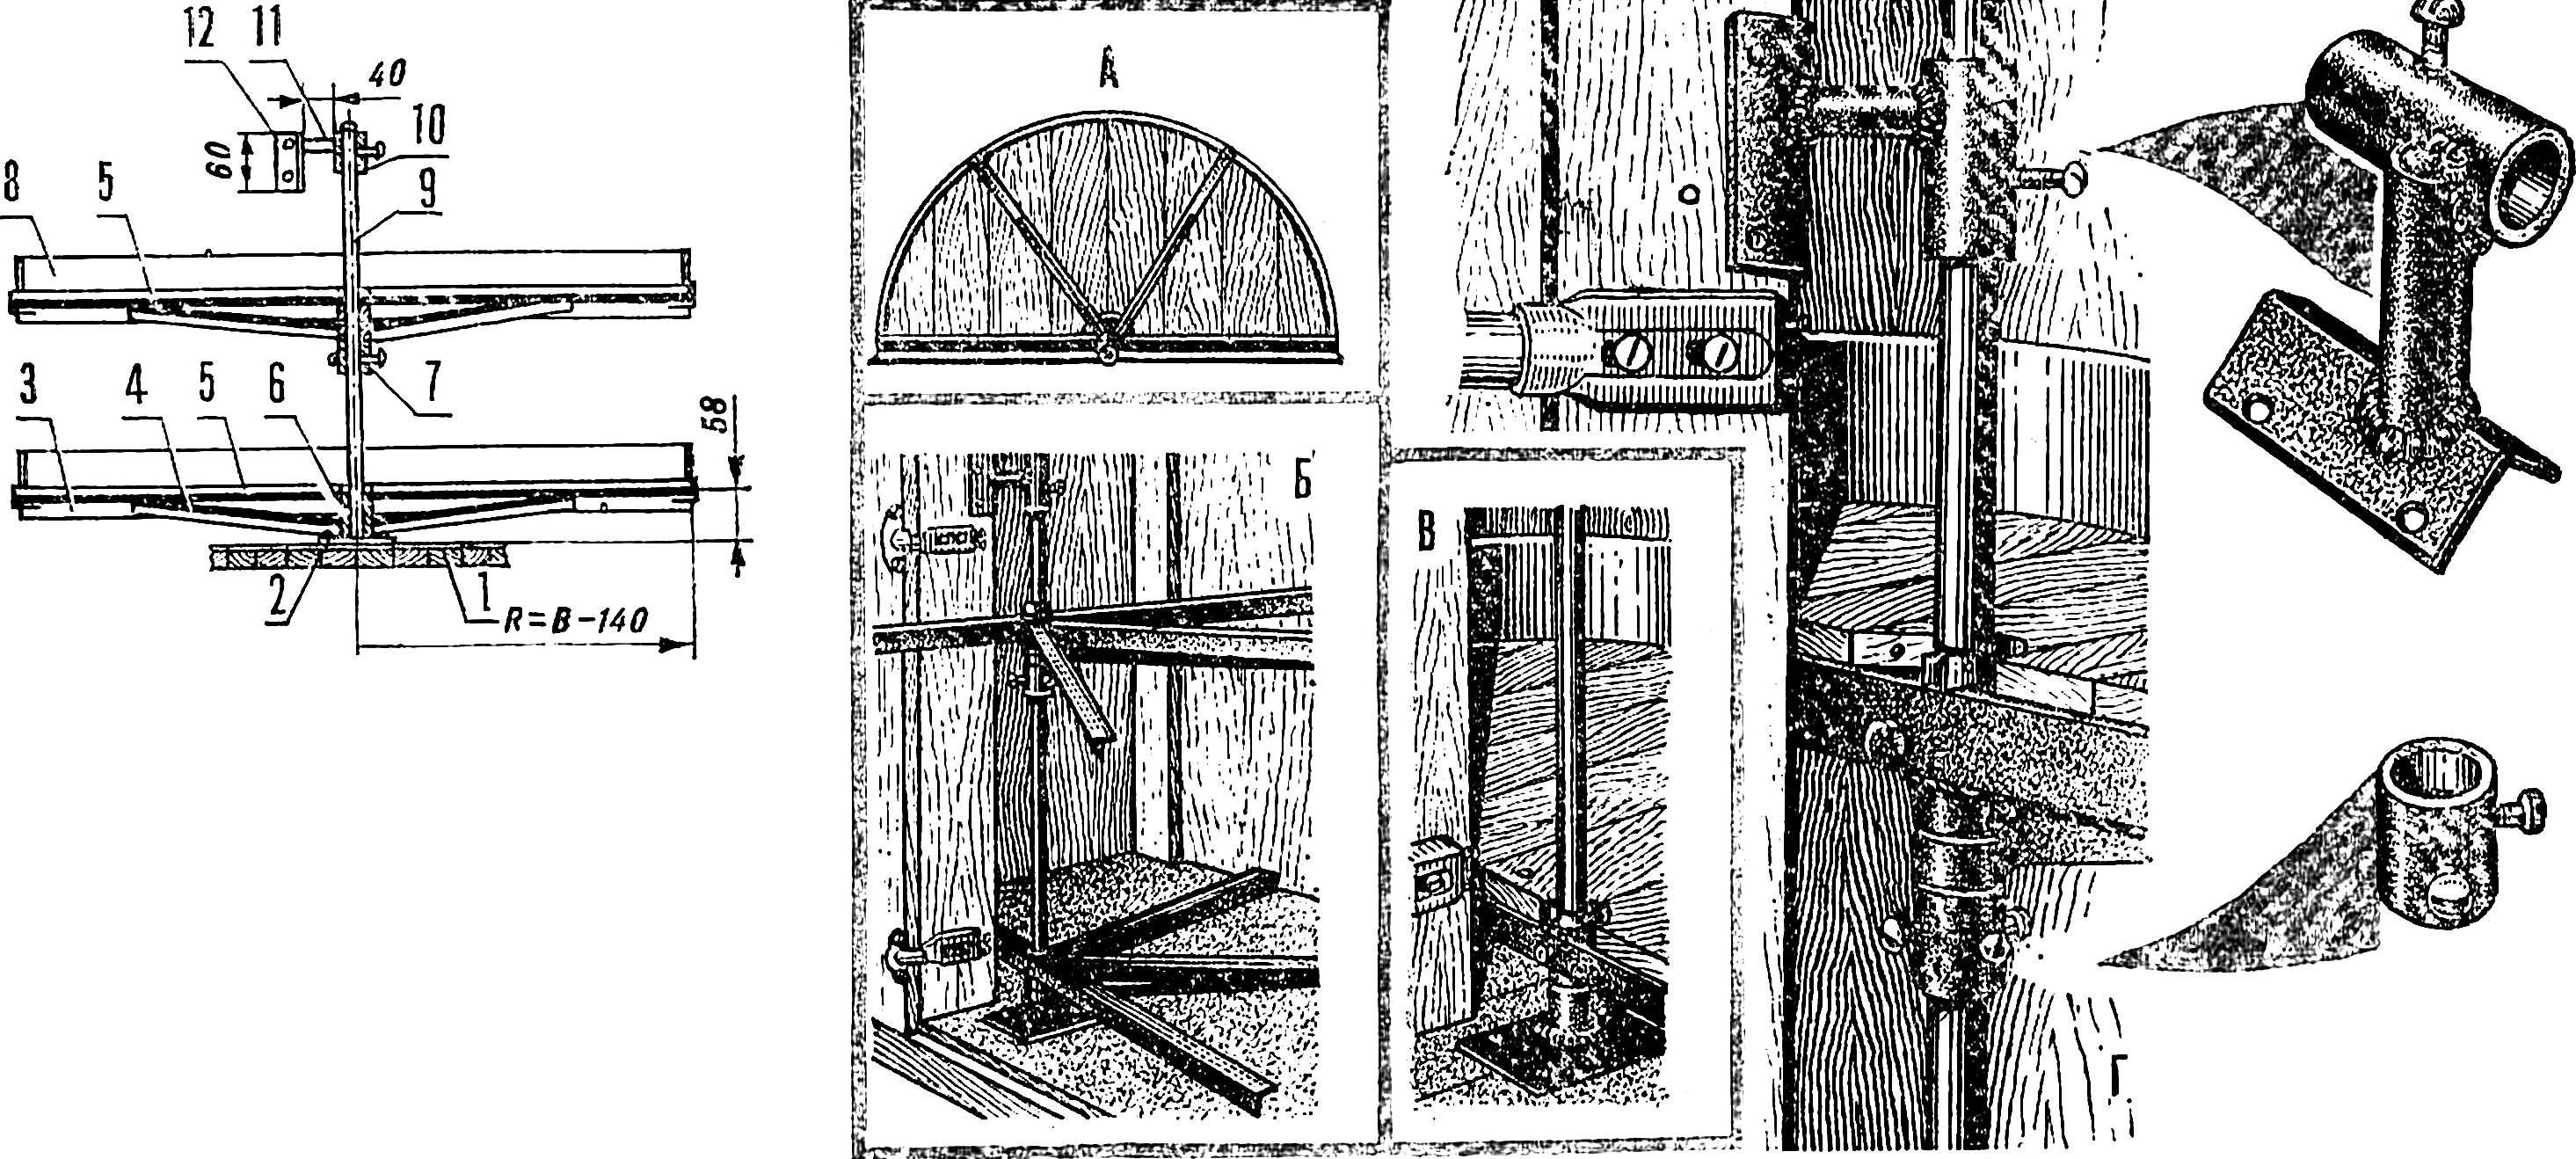 Рис. 3. Поворотный механизм и его схема.